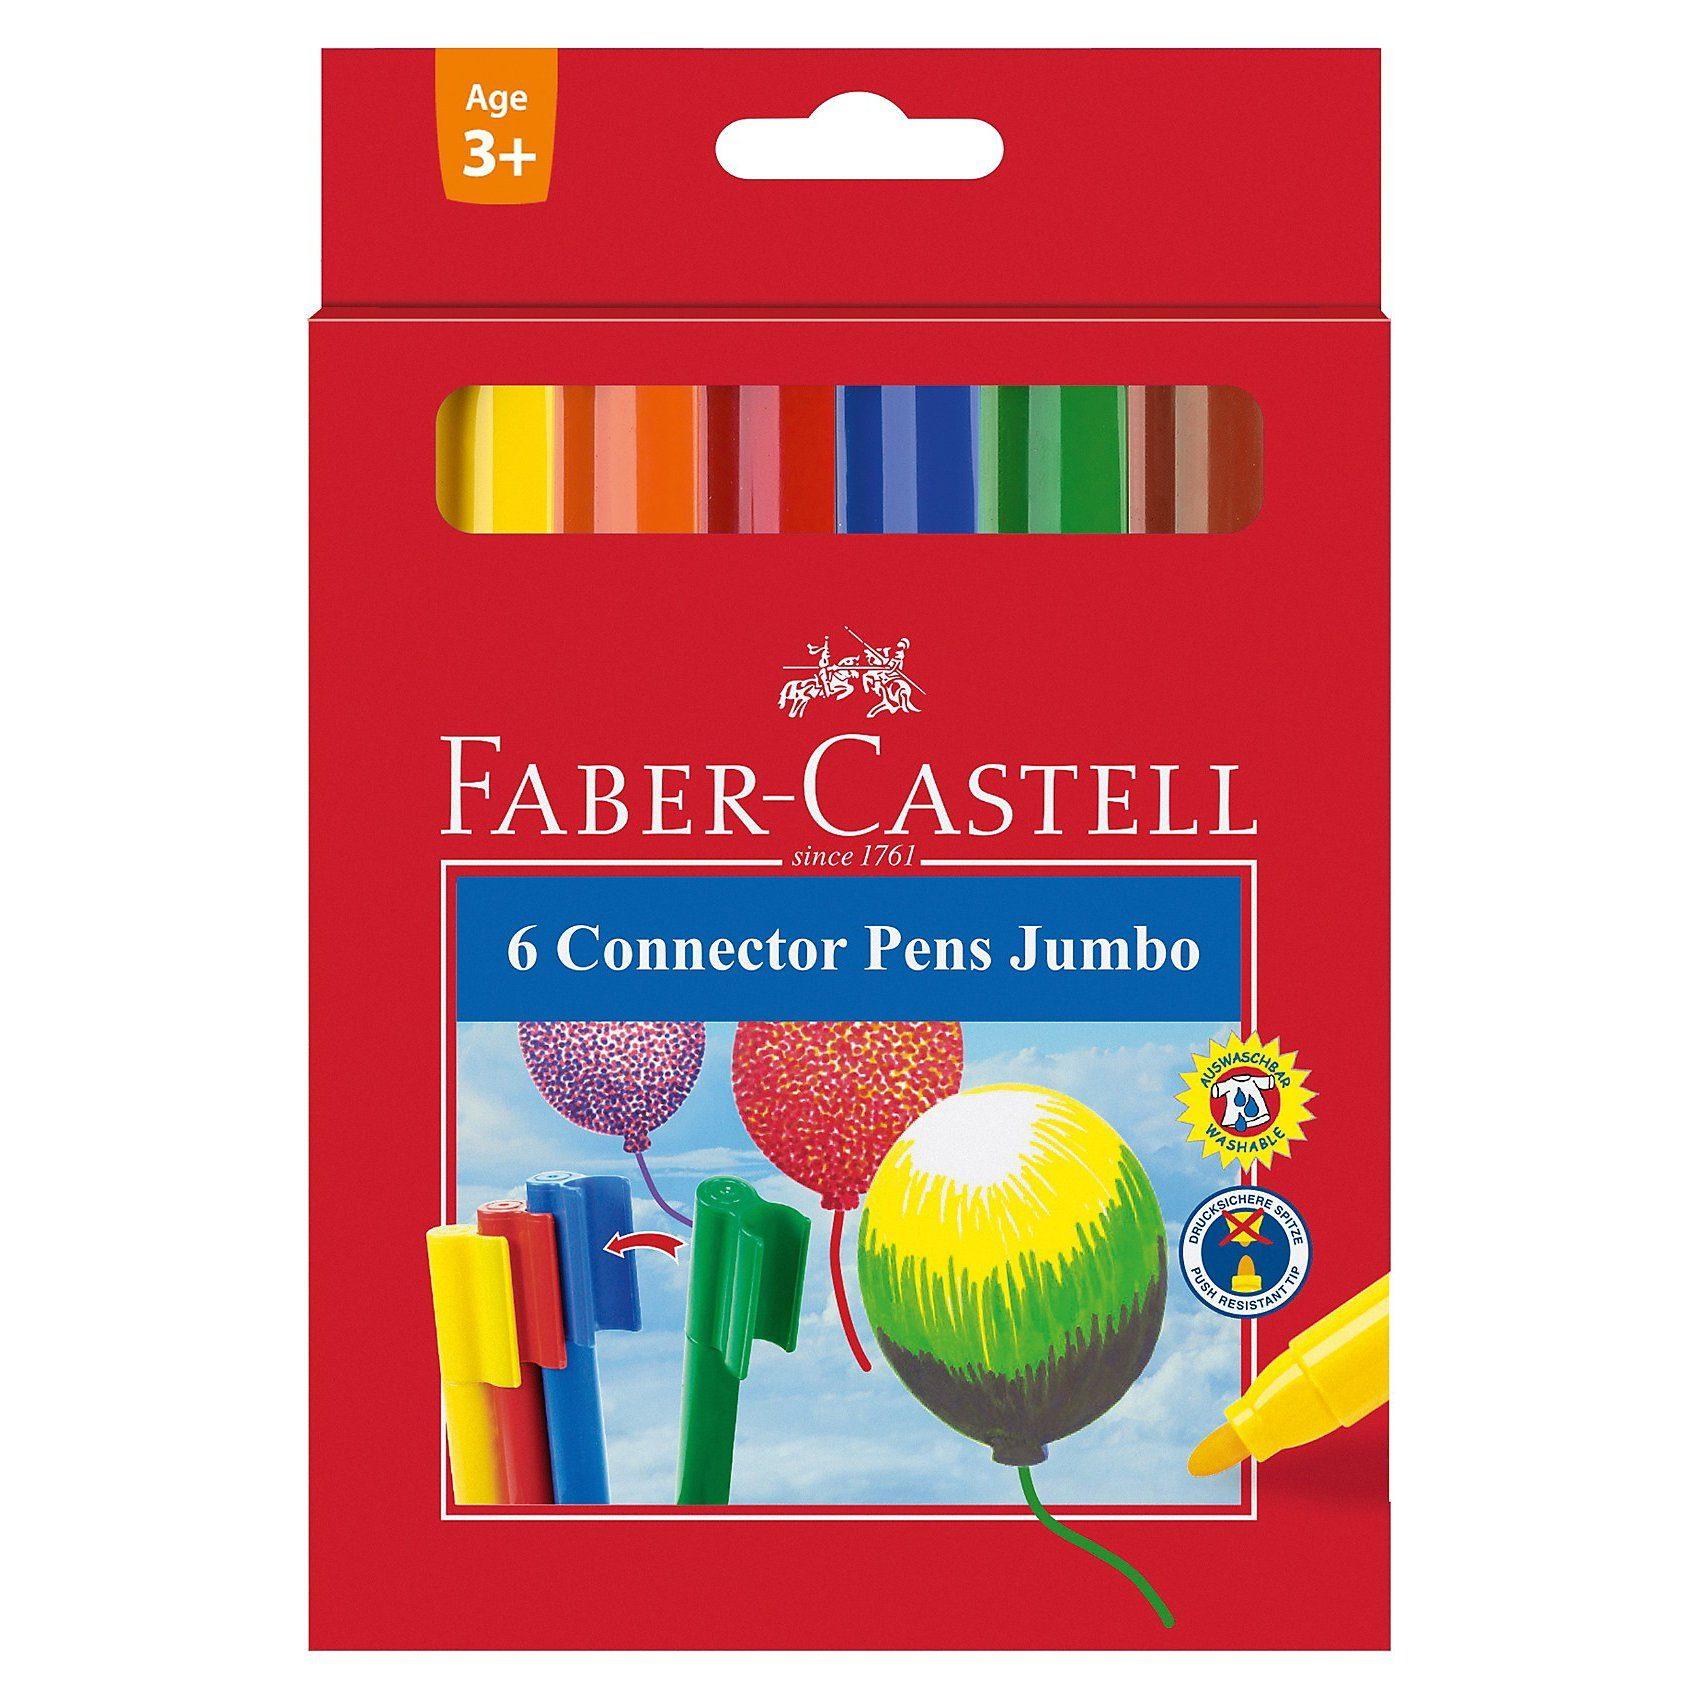 Faber-Castell Filzstift Jumbo CONNECTOR Pen 6er Etui